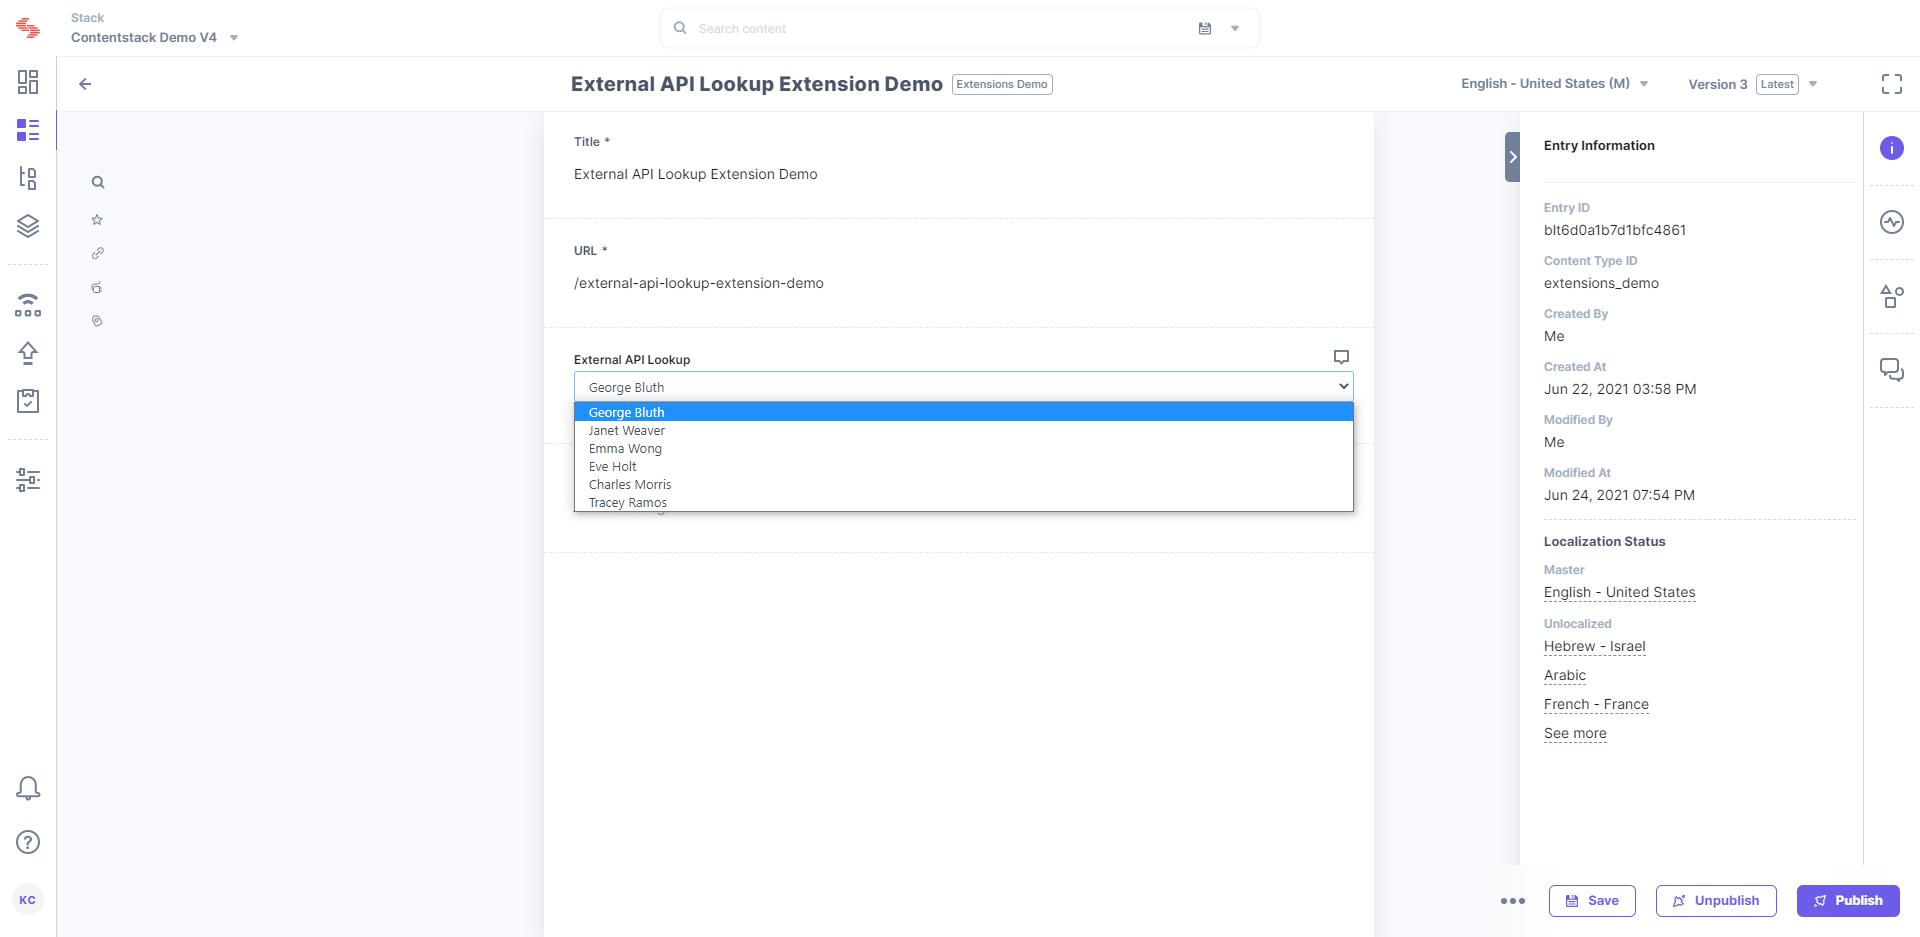 External_API_Lookup_4_no_highlight